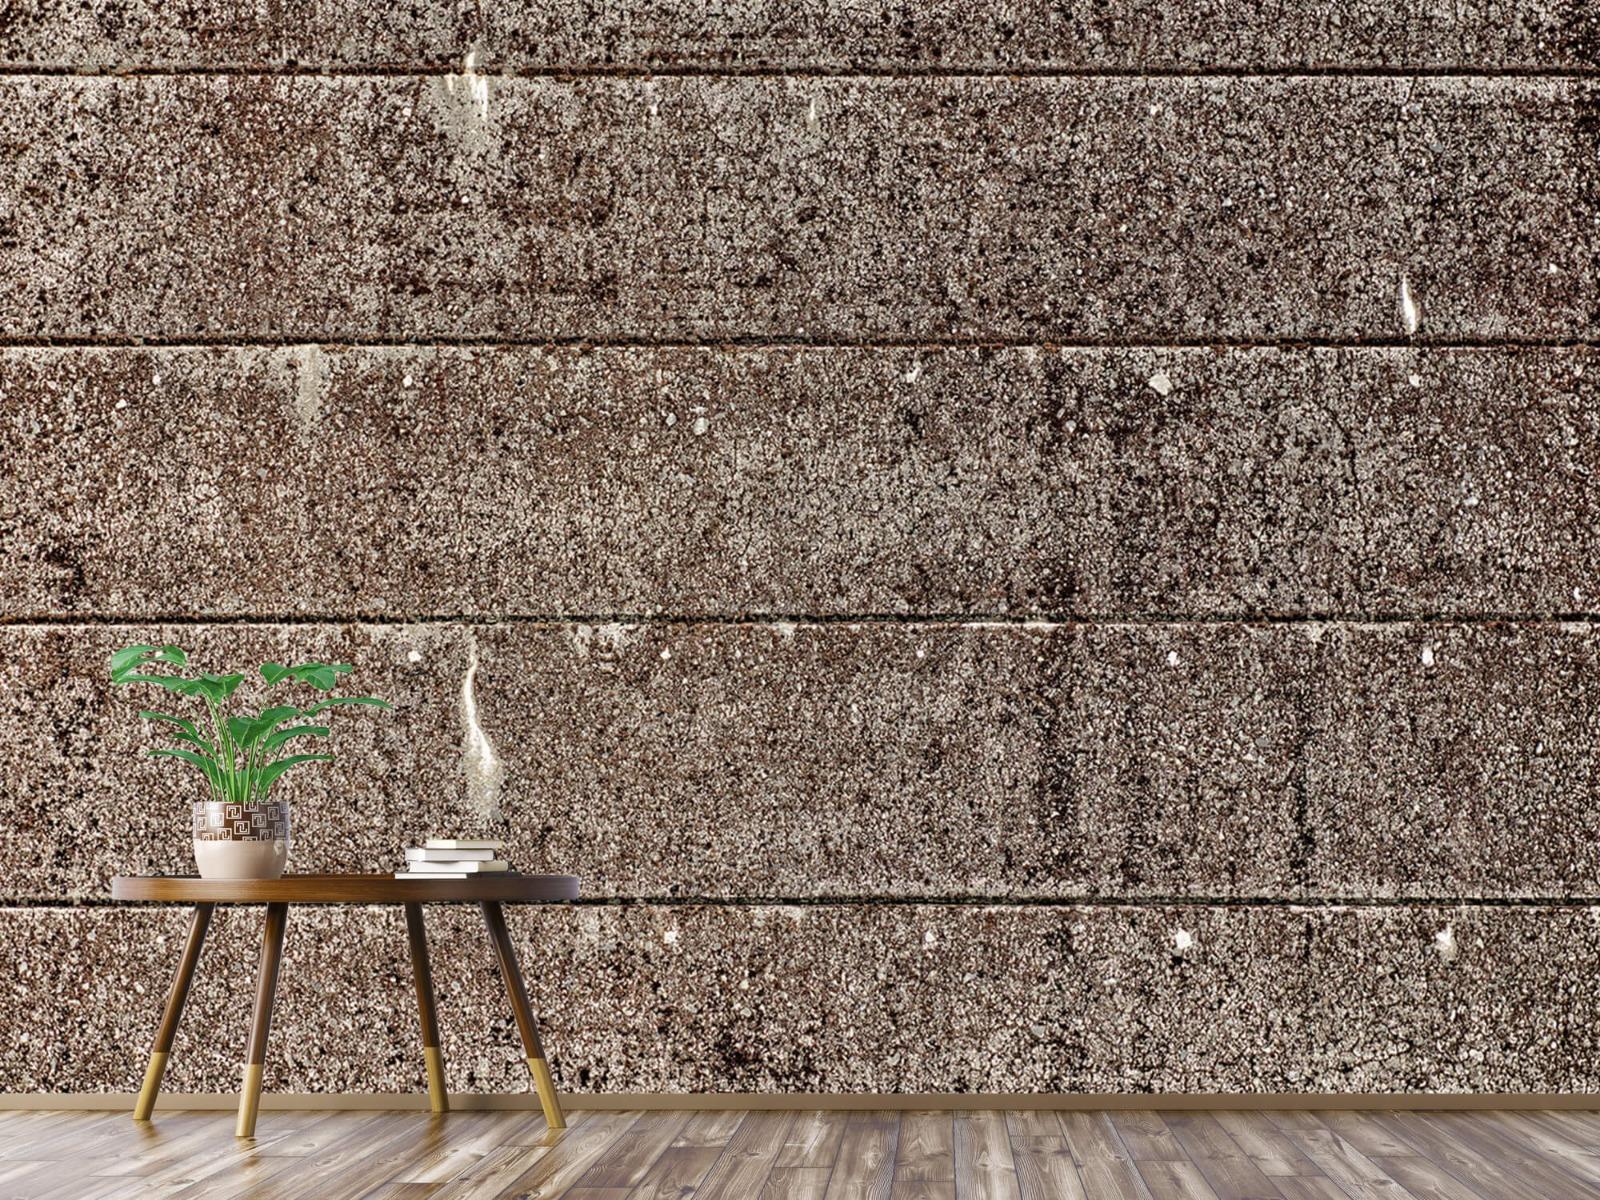 Steen behang - Oude betonnen damwand - Tienerkamer 5